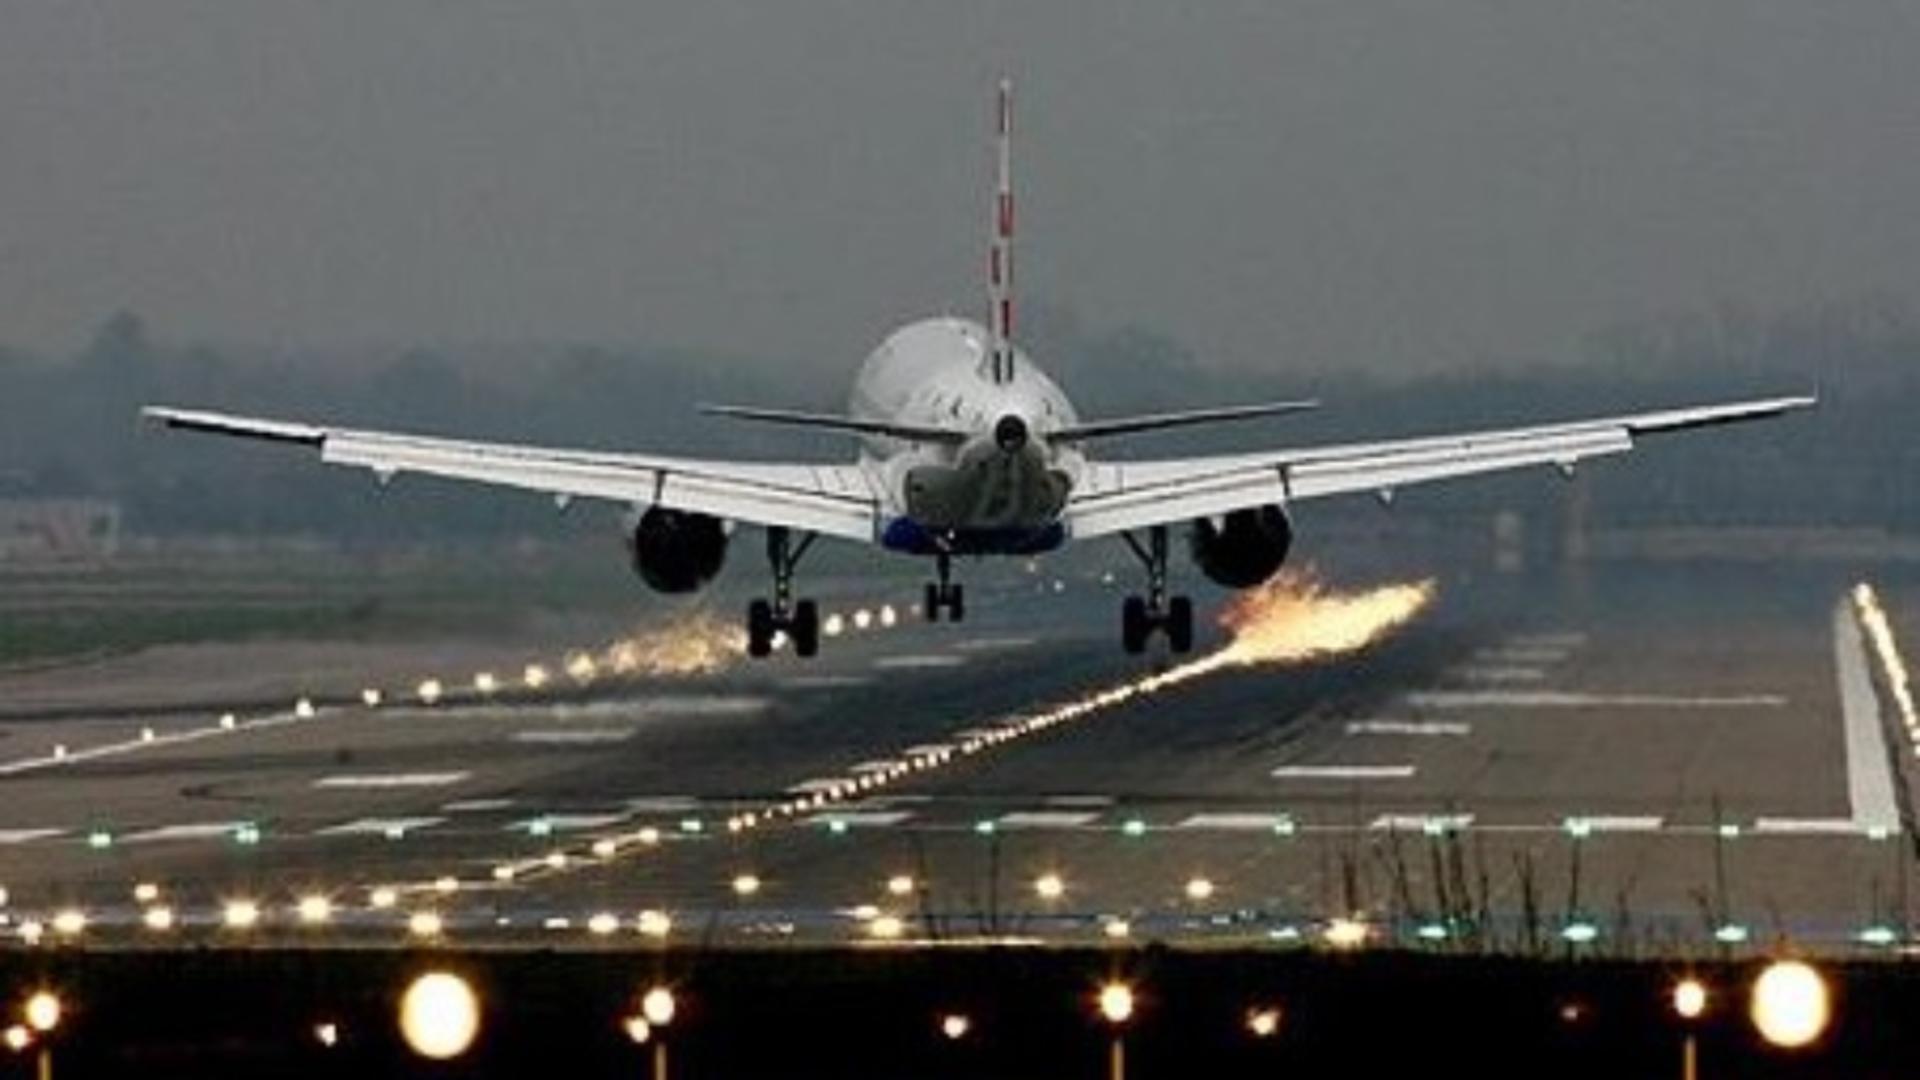 Un avion a fost evacuat după ce la bordul acestuia s-a simțit un miros puternic de kerosen / Foto: Arhivă